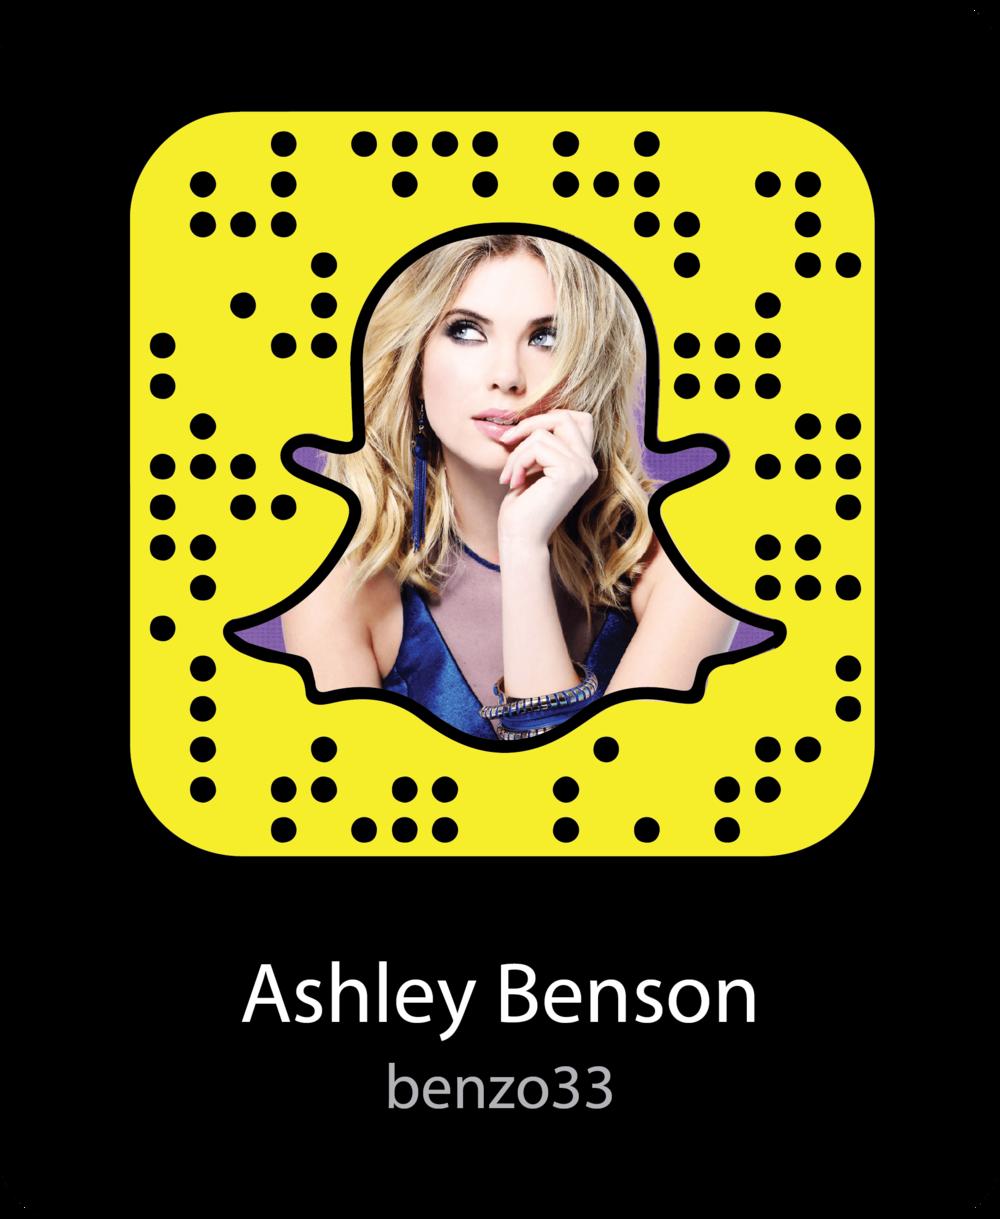 ashley-benson-celebrity-snapchat-snapcode